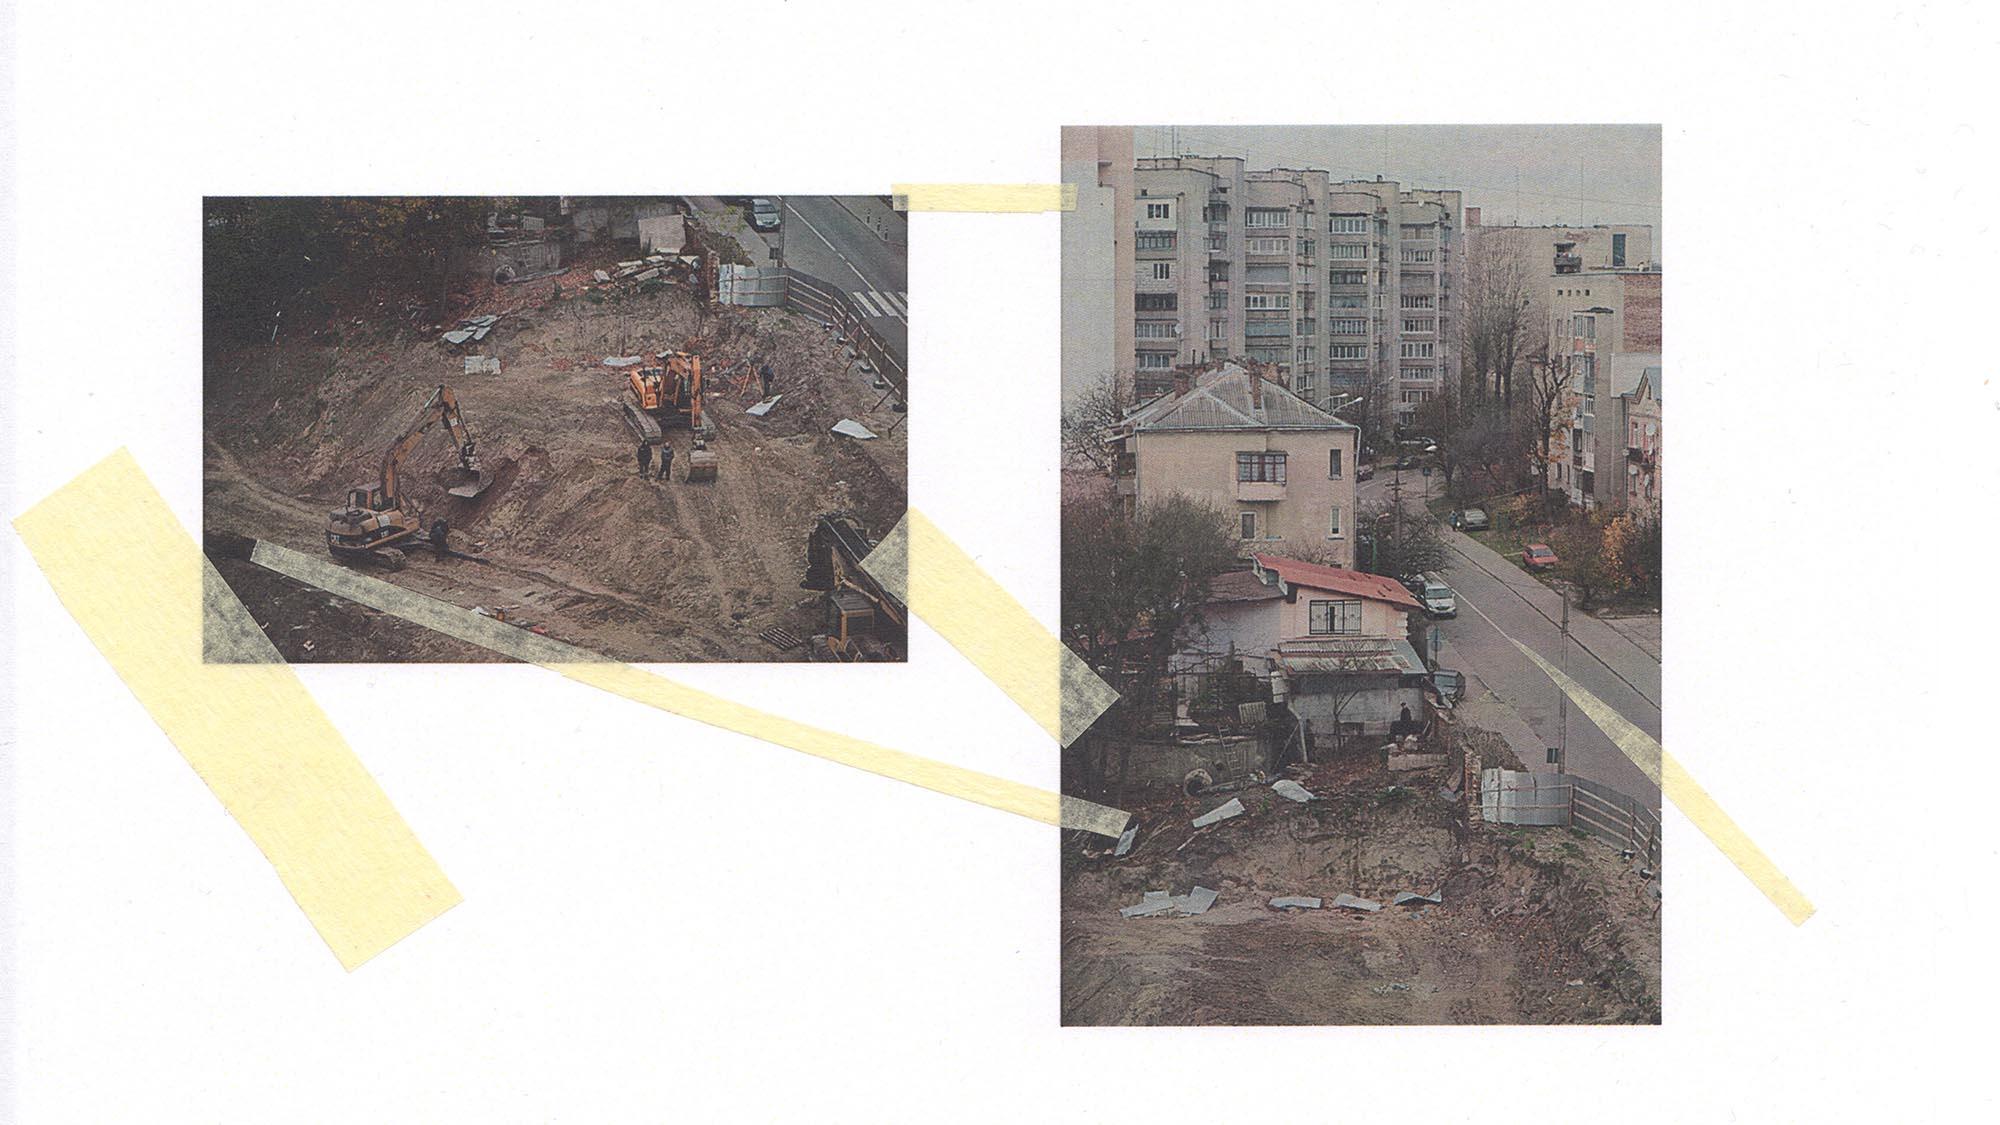 z sayenko 19 censorship 051220 - <b>Спи міцно, моє будівництво.</b> Проєкт Олесі Саєнко — у «Рівні цензури» - Заборона